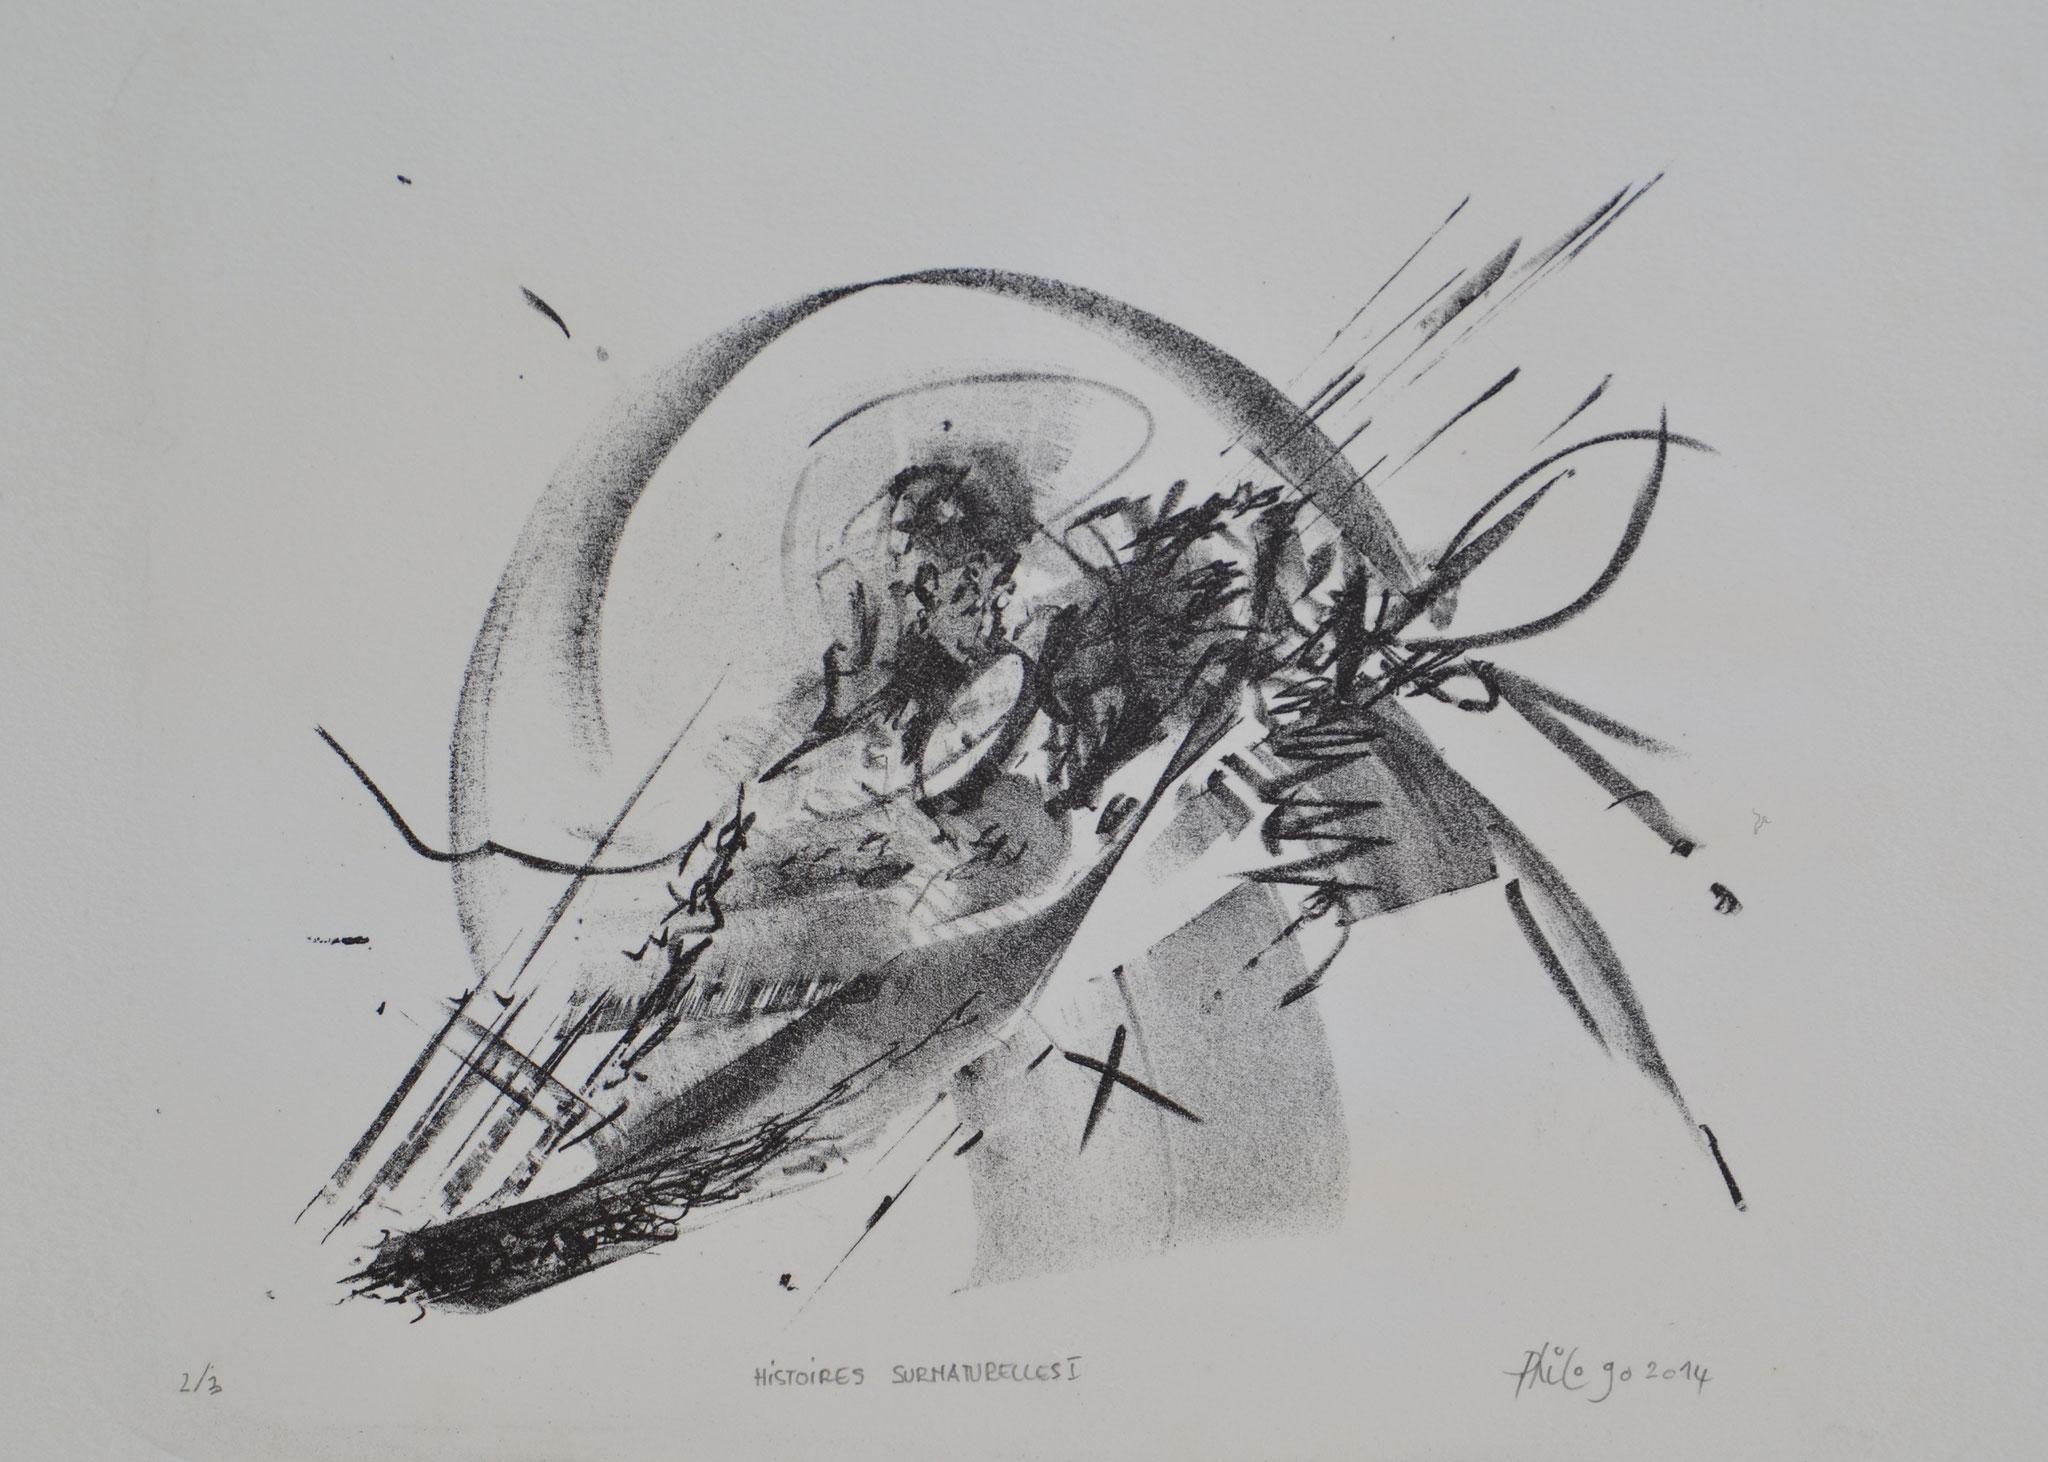 Histoires surnaturelles 1- 2014-lithographie 40x30cm